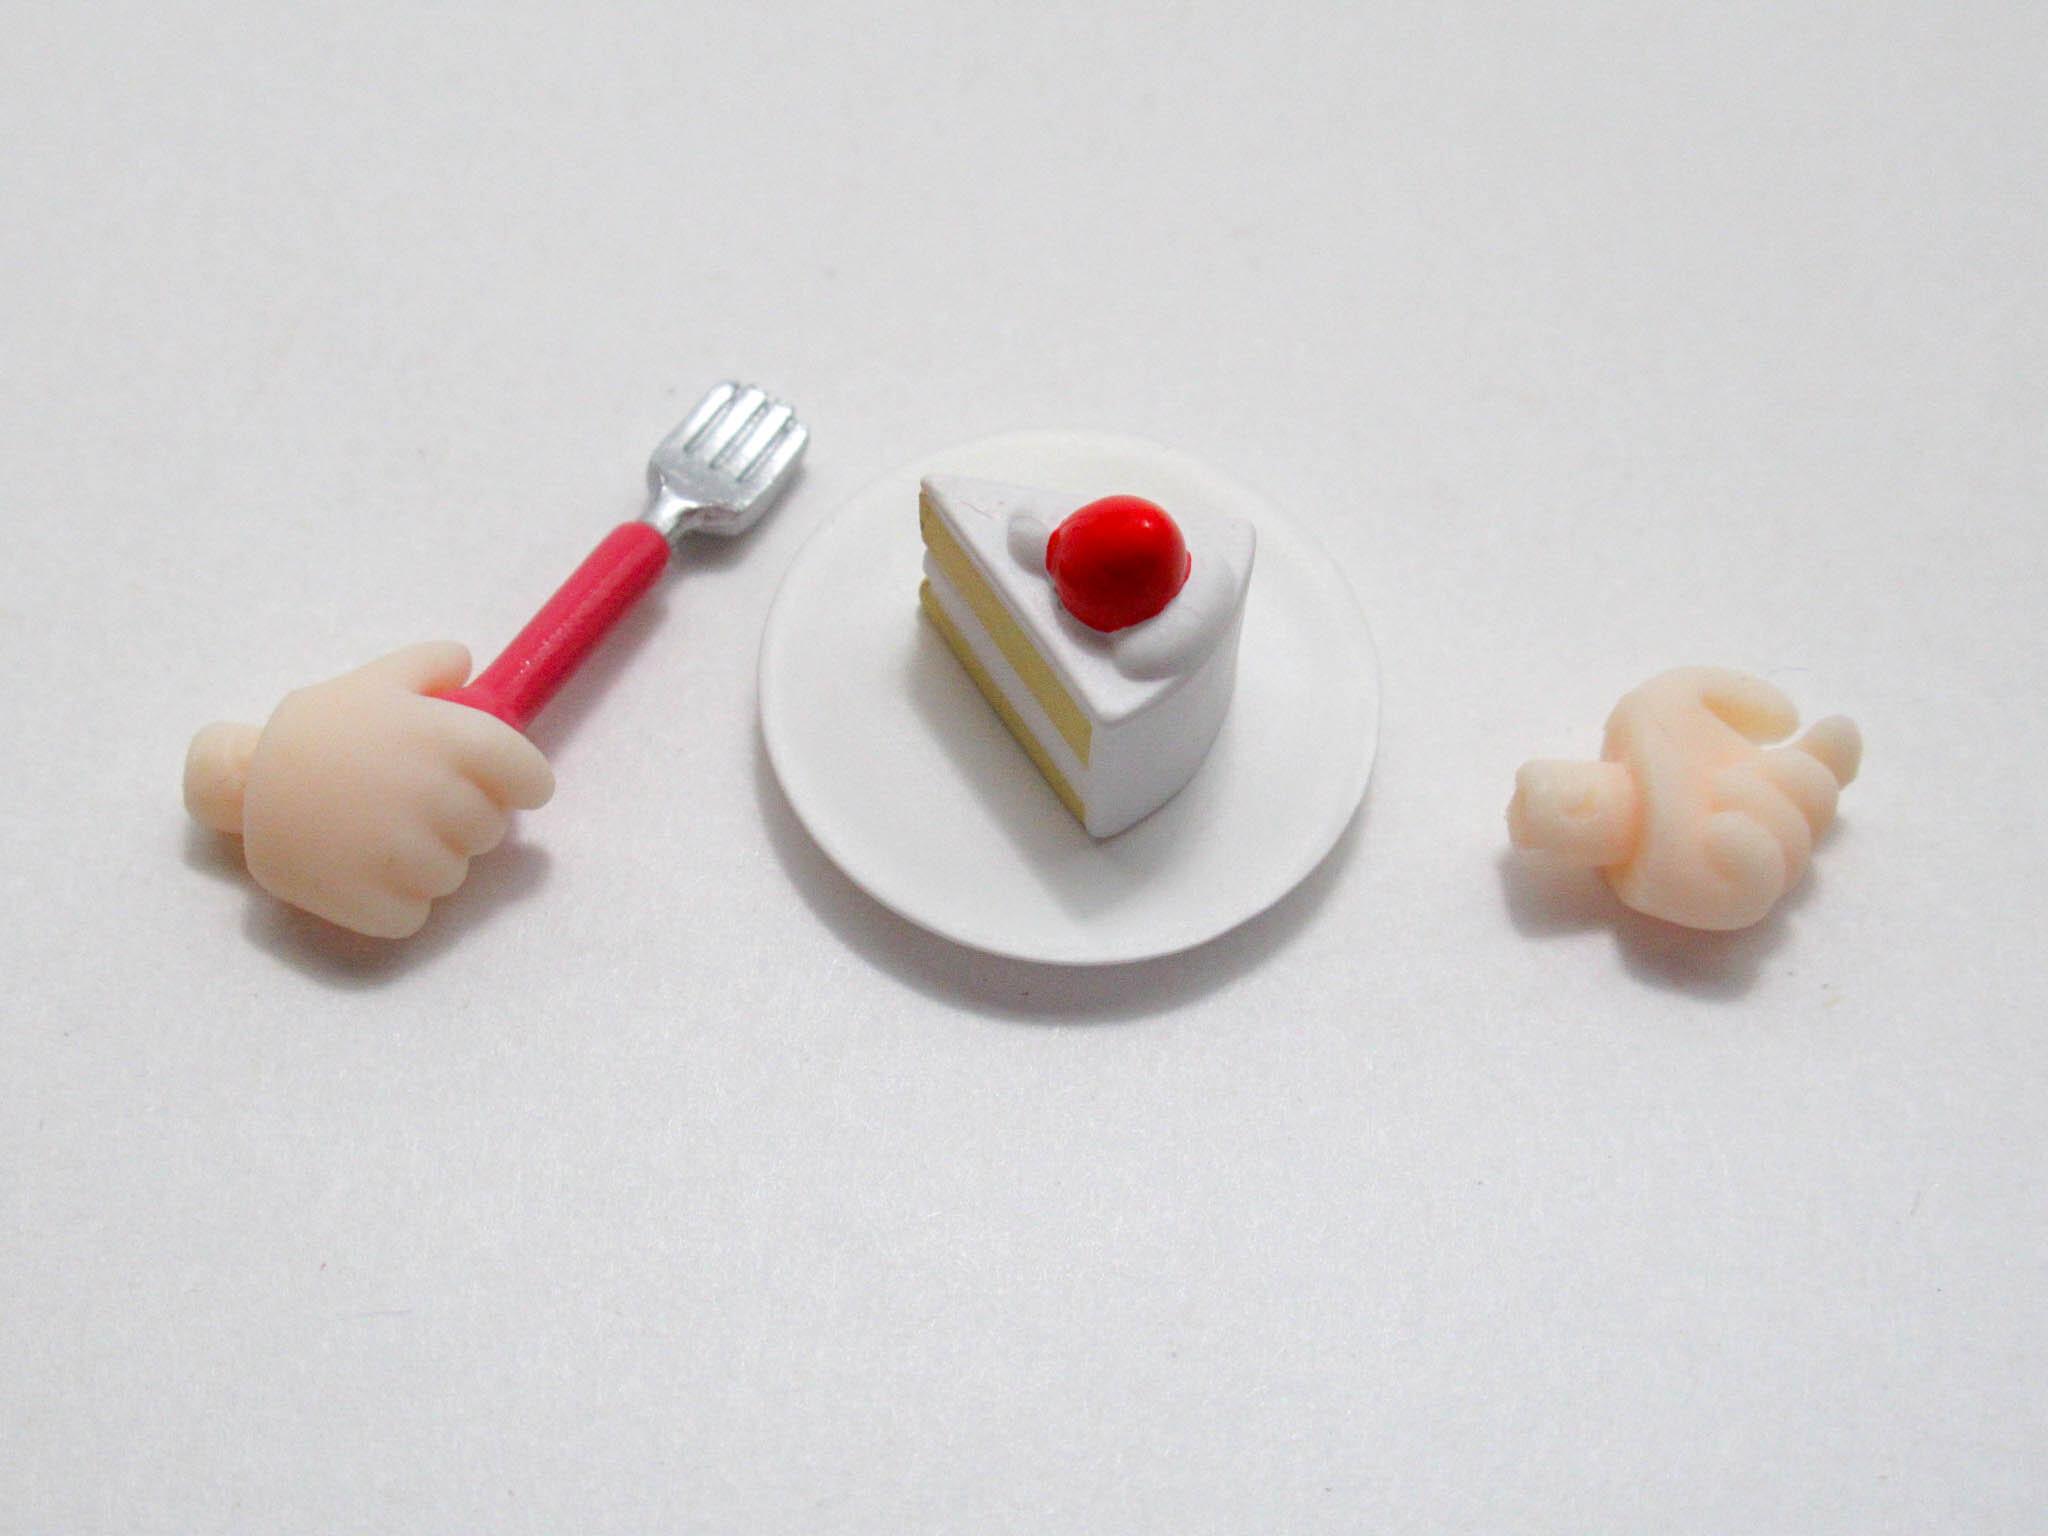 【1200】 L 2.0 小物パーツ ケーキとフォーク ねんどろいど